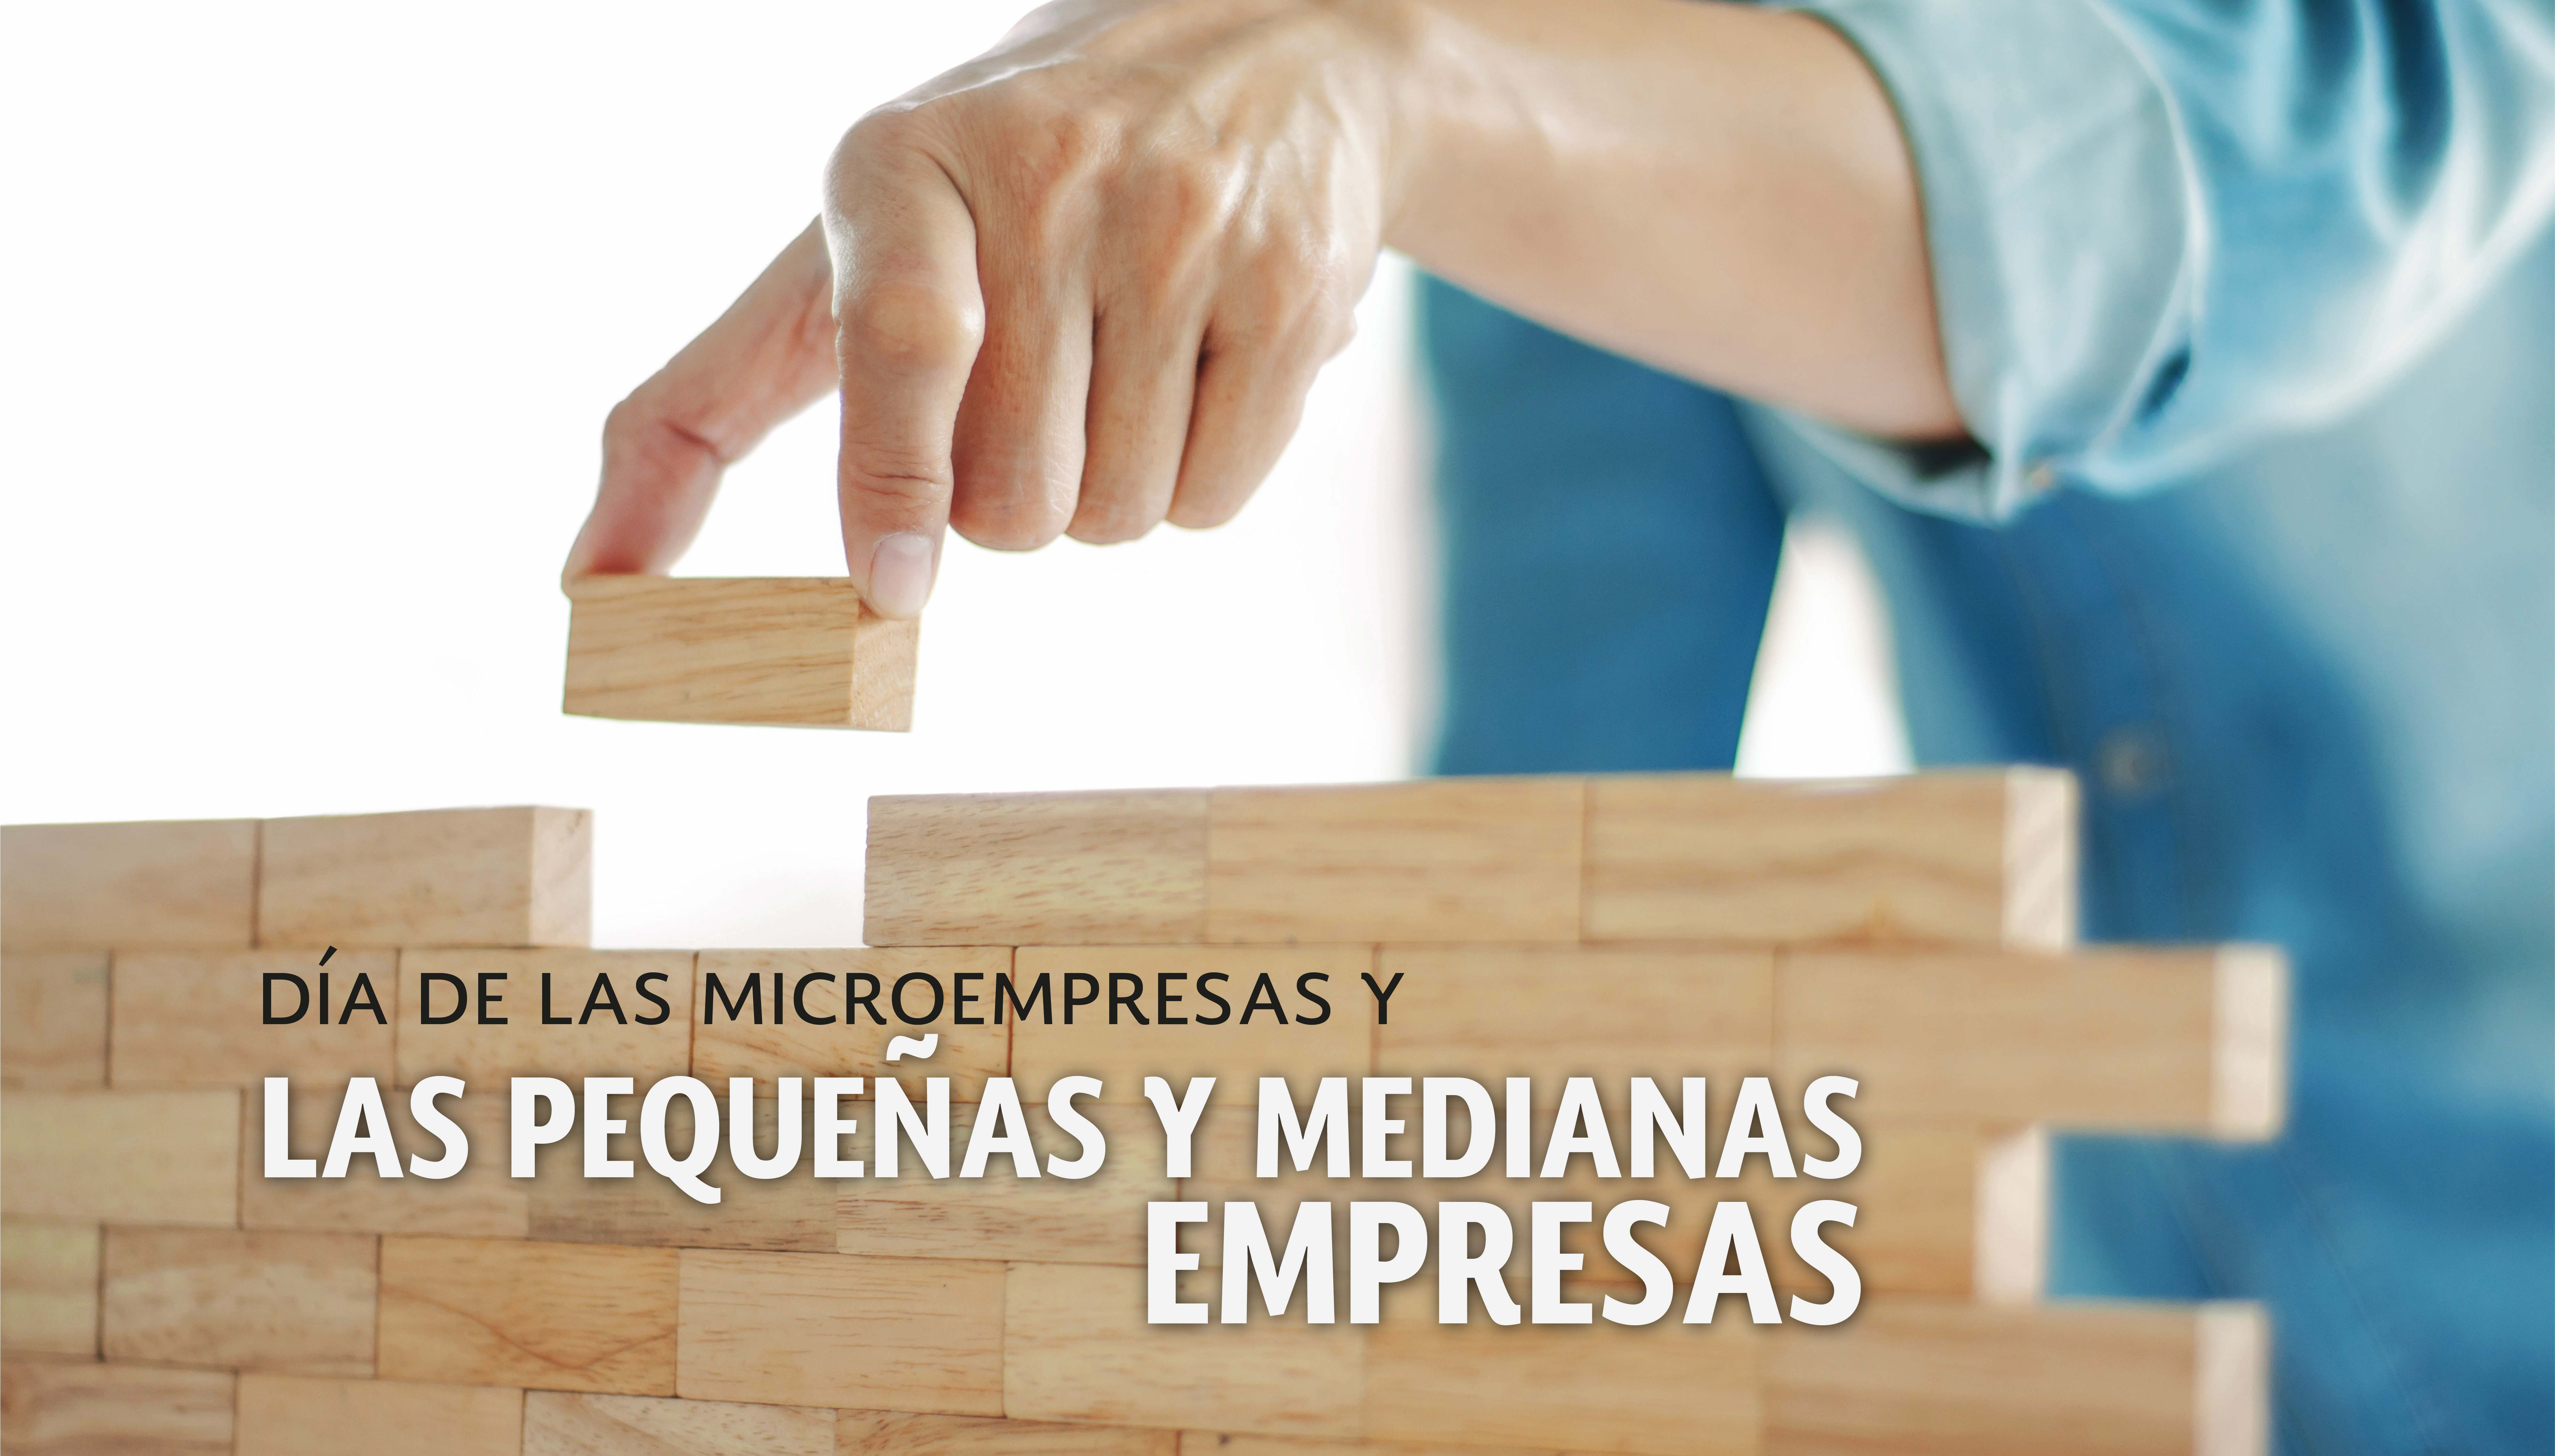 Día de las microempresas y las pequeñas y medianas empresas